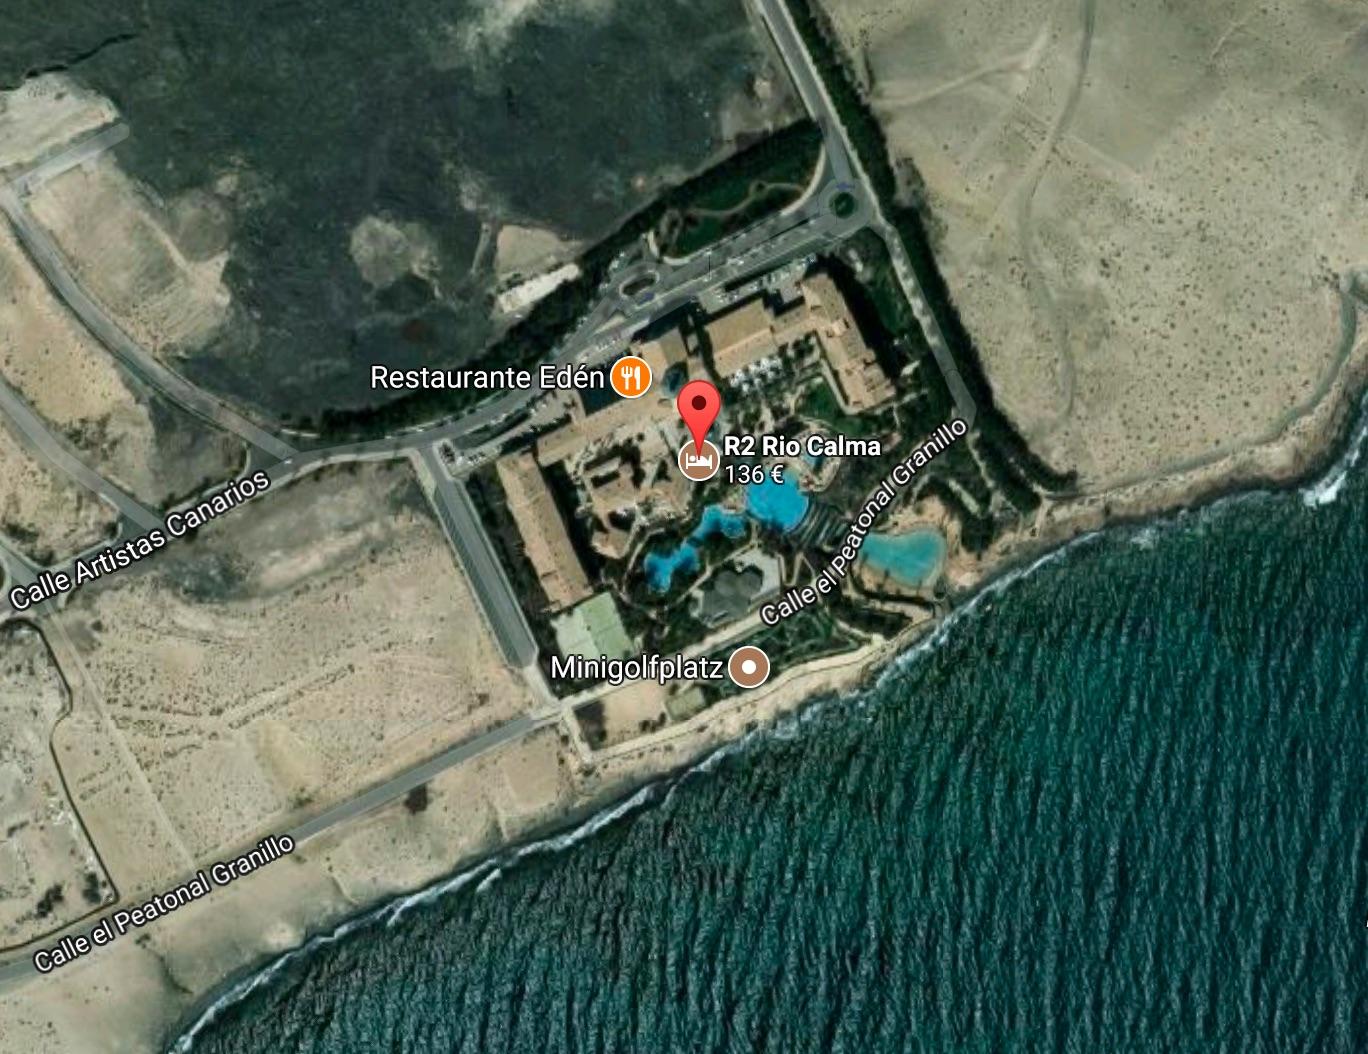 R2_Rio_Calma_-_Google_Maps